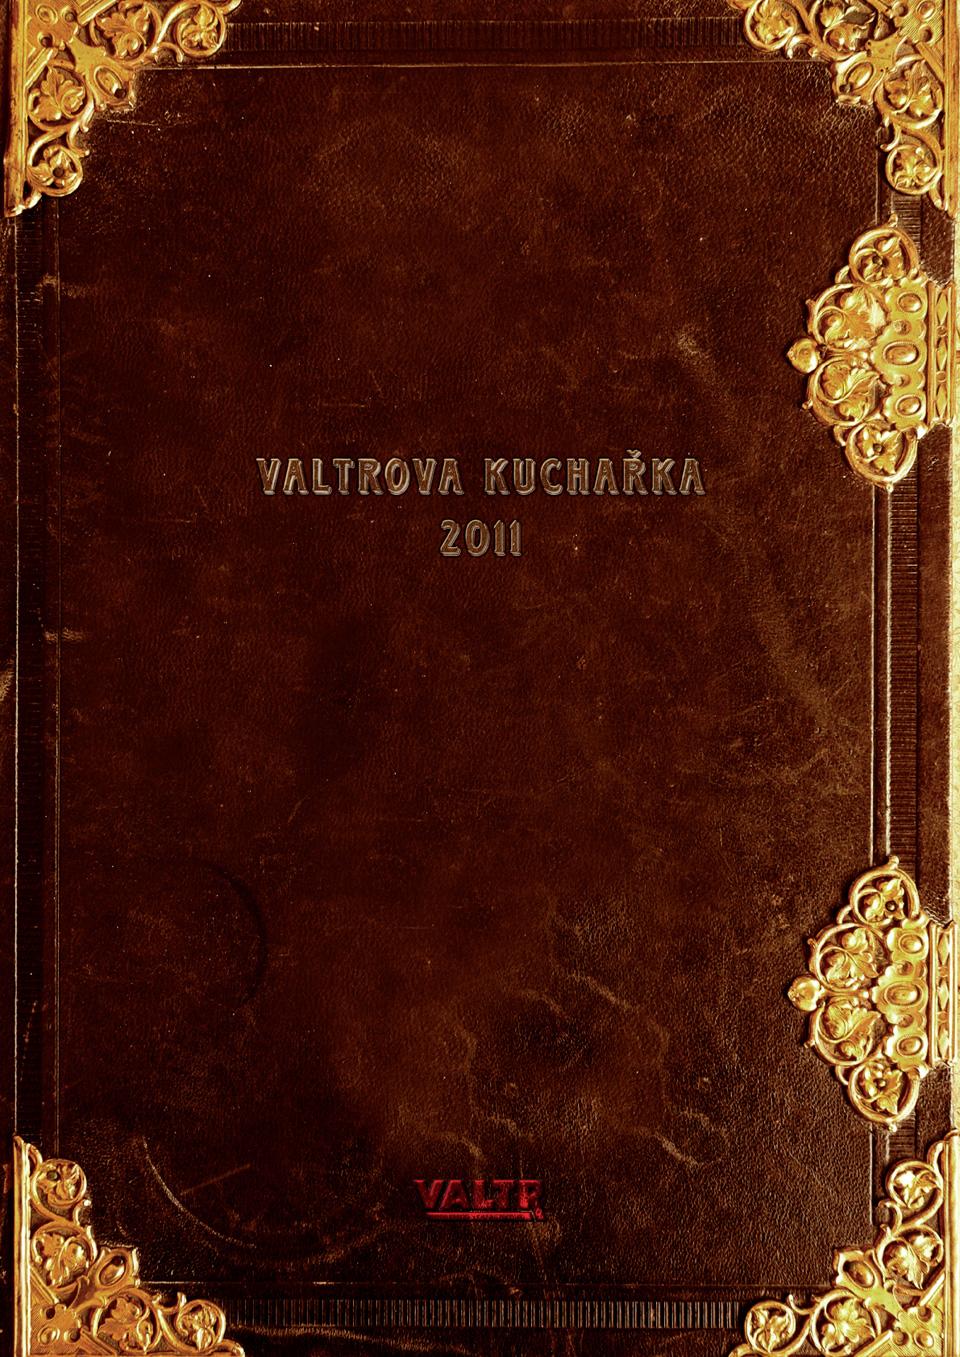 valtr_kalendar-2011-1